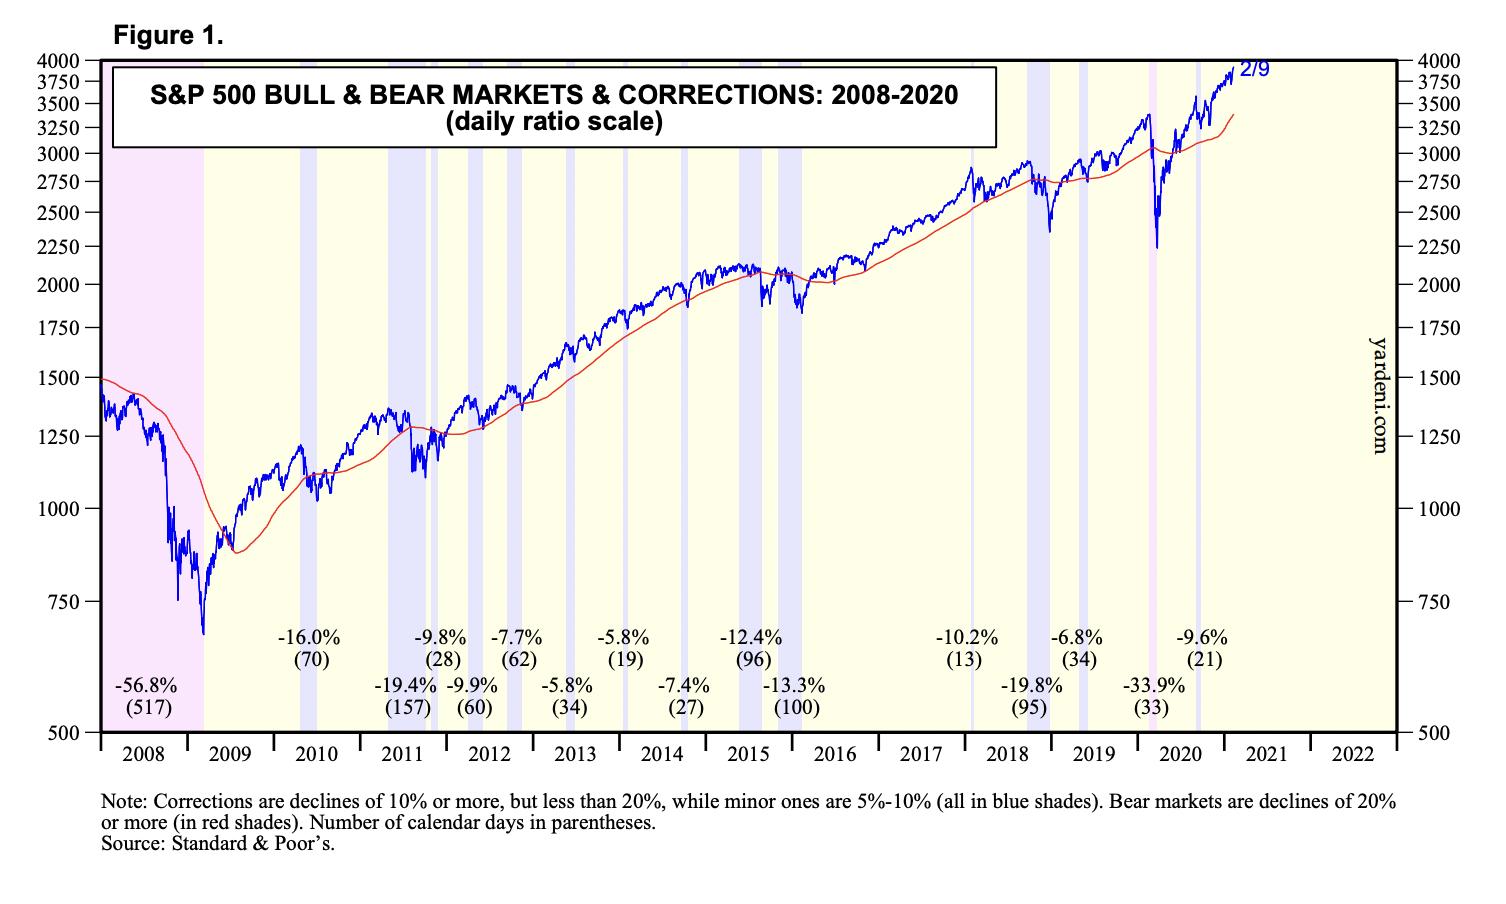 Красный фон — медвежьи рынки, синий фон — коррекции и просадки величиной 5—10%. Цифры в скобках — их длительность в днях. Источник: Yardeni Research